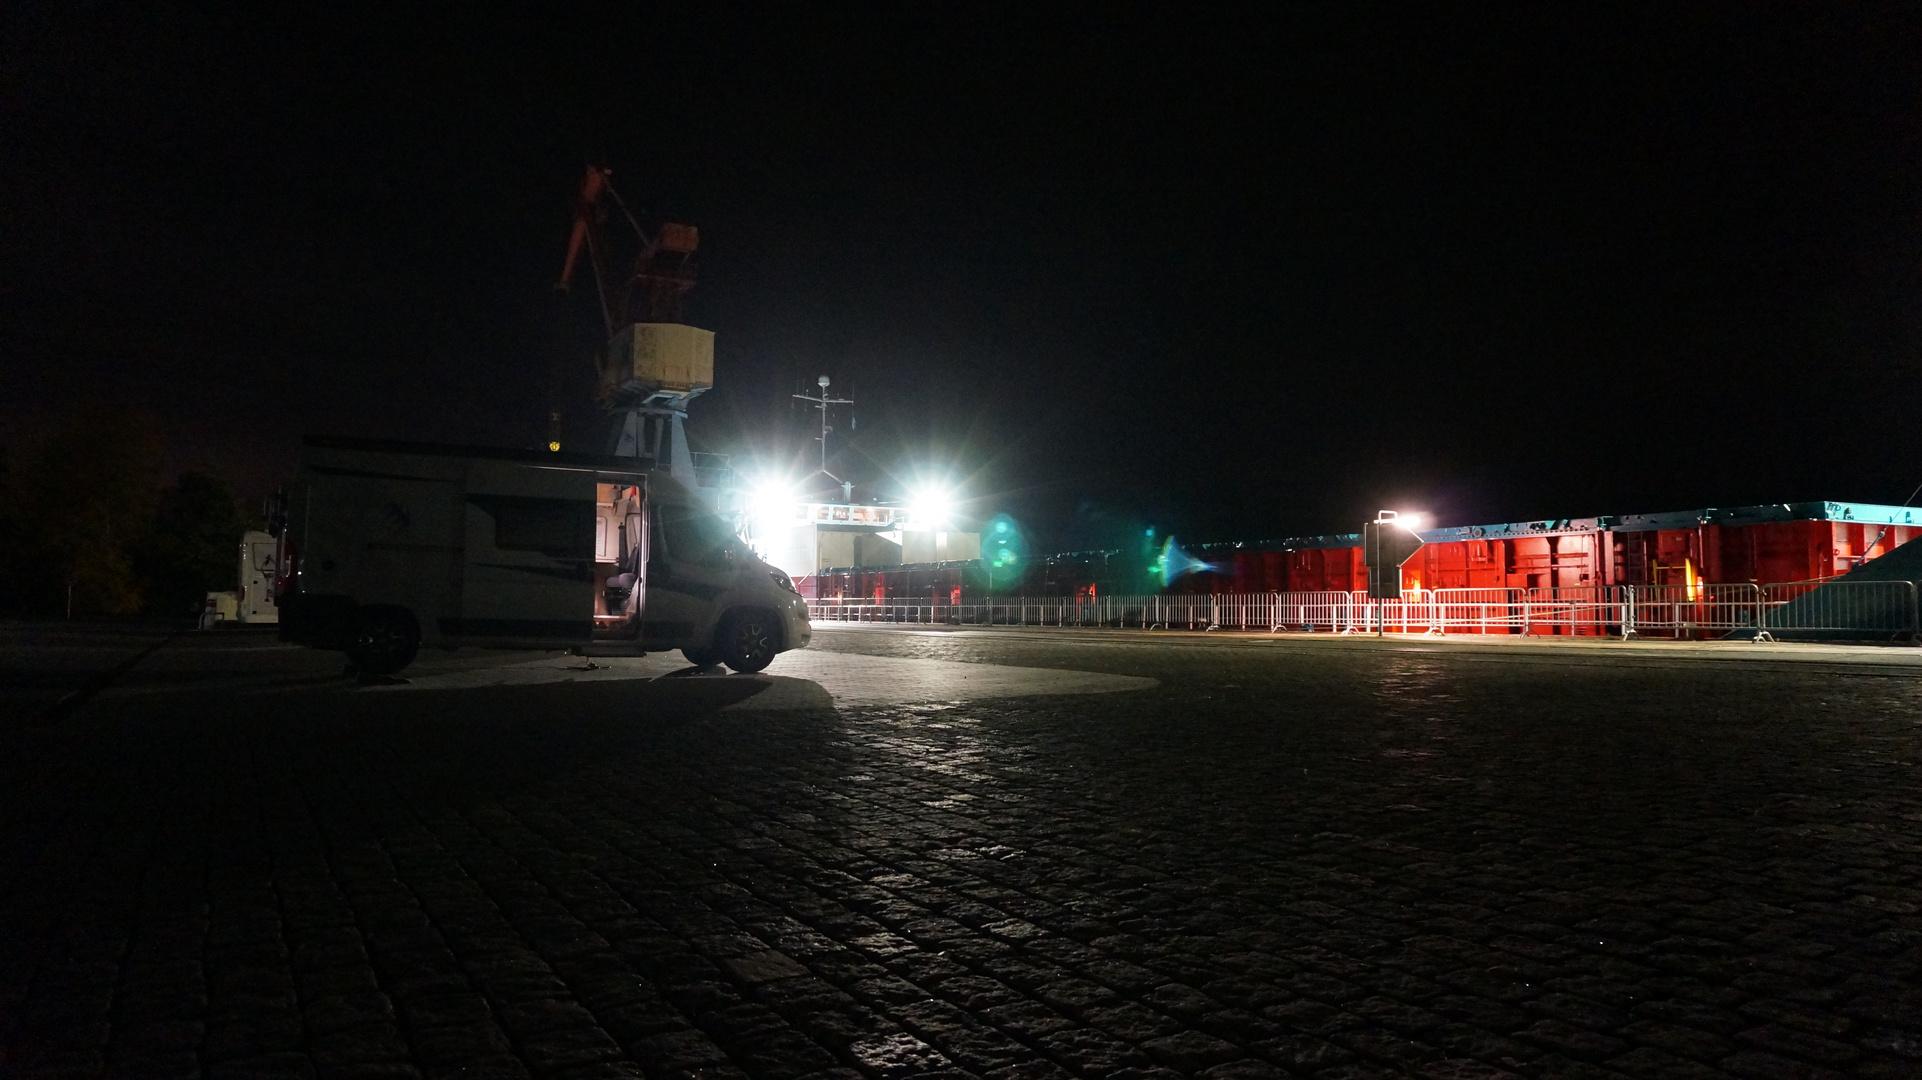 Nacht auf der Kaje in Elsfleth